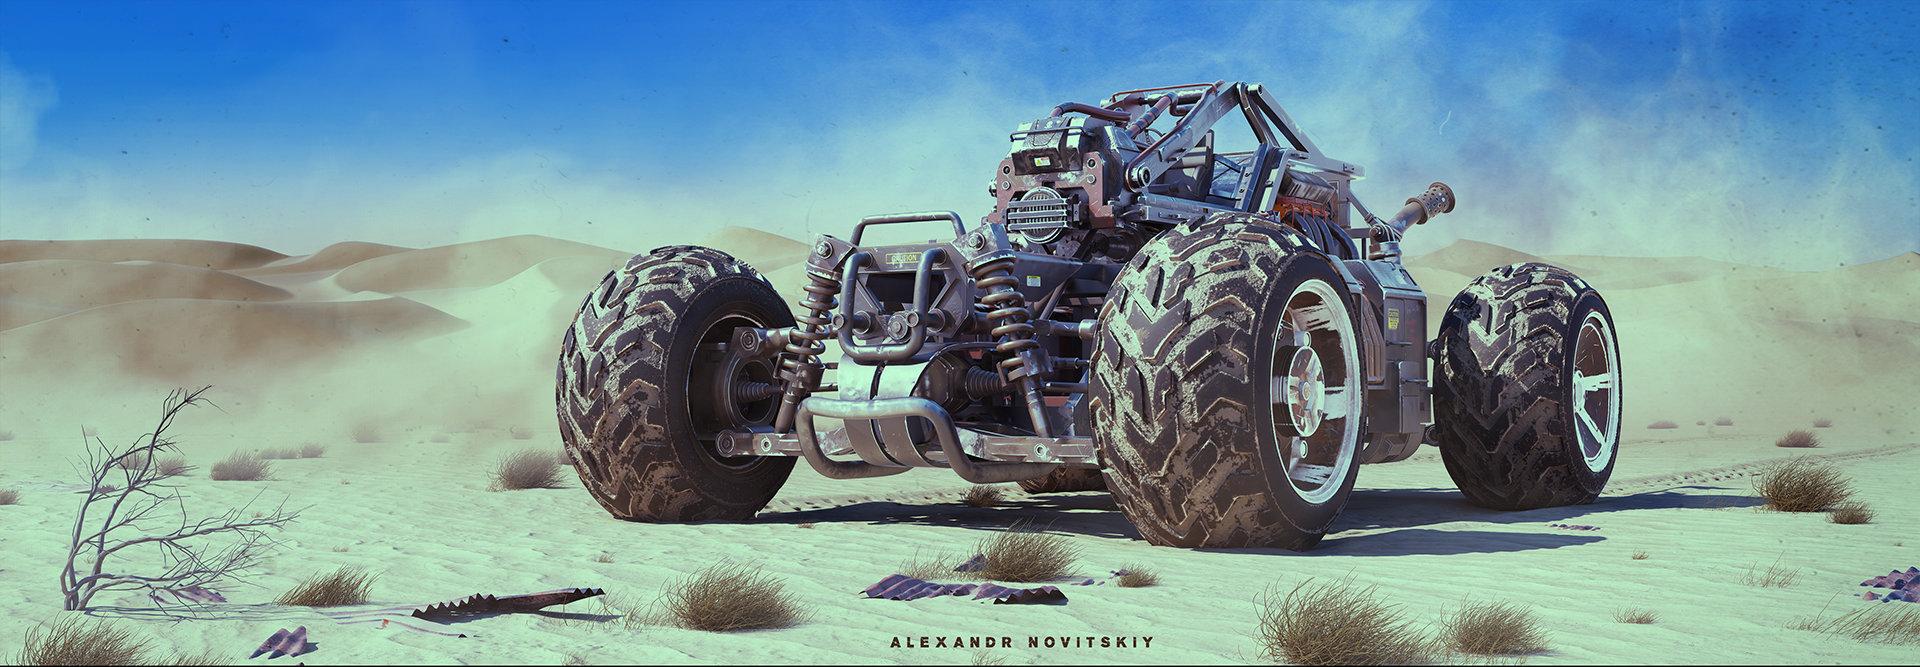 Alexandr novitskiy buggy desert 01